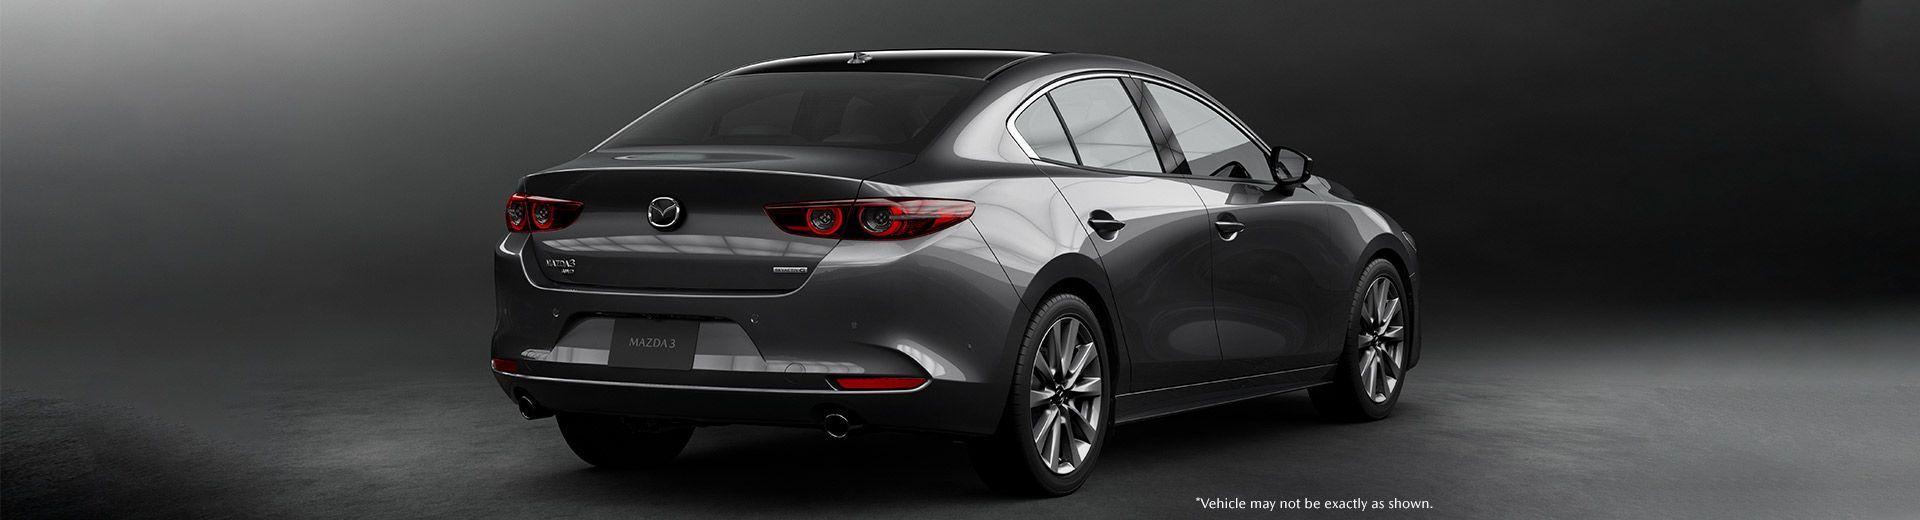 Mazda3 2019 grise de dos